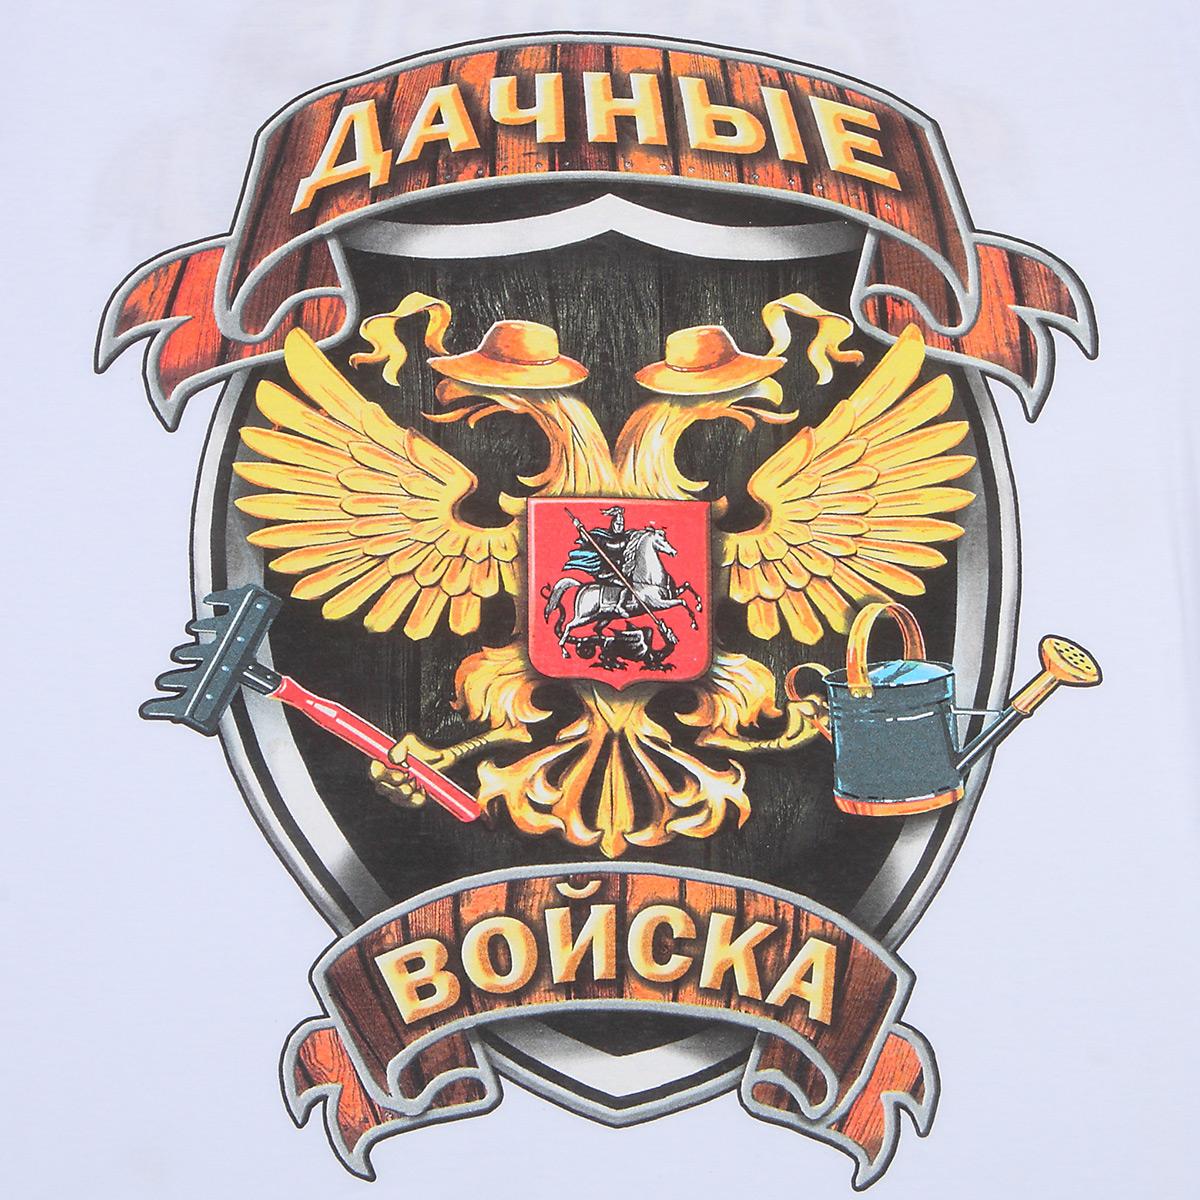 Футболка Дачных войск с авторским принтом